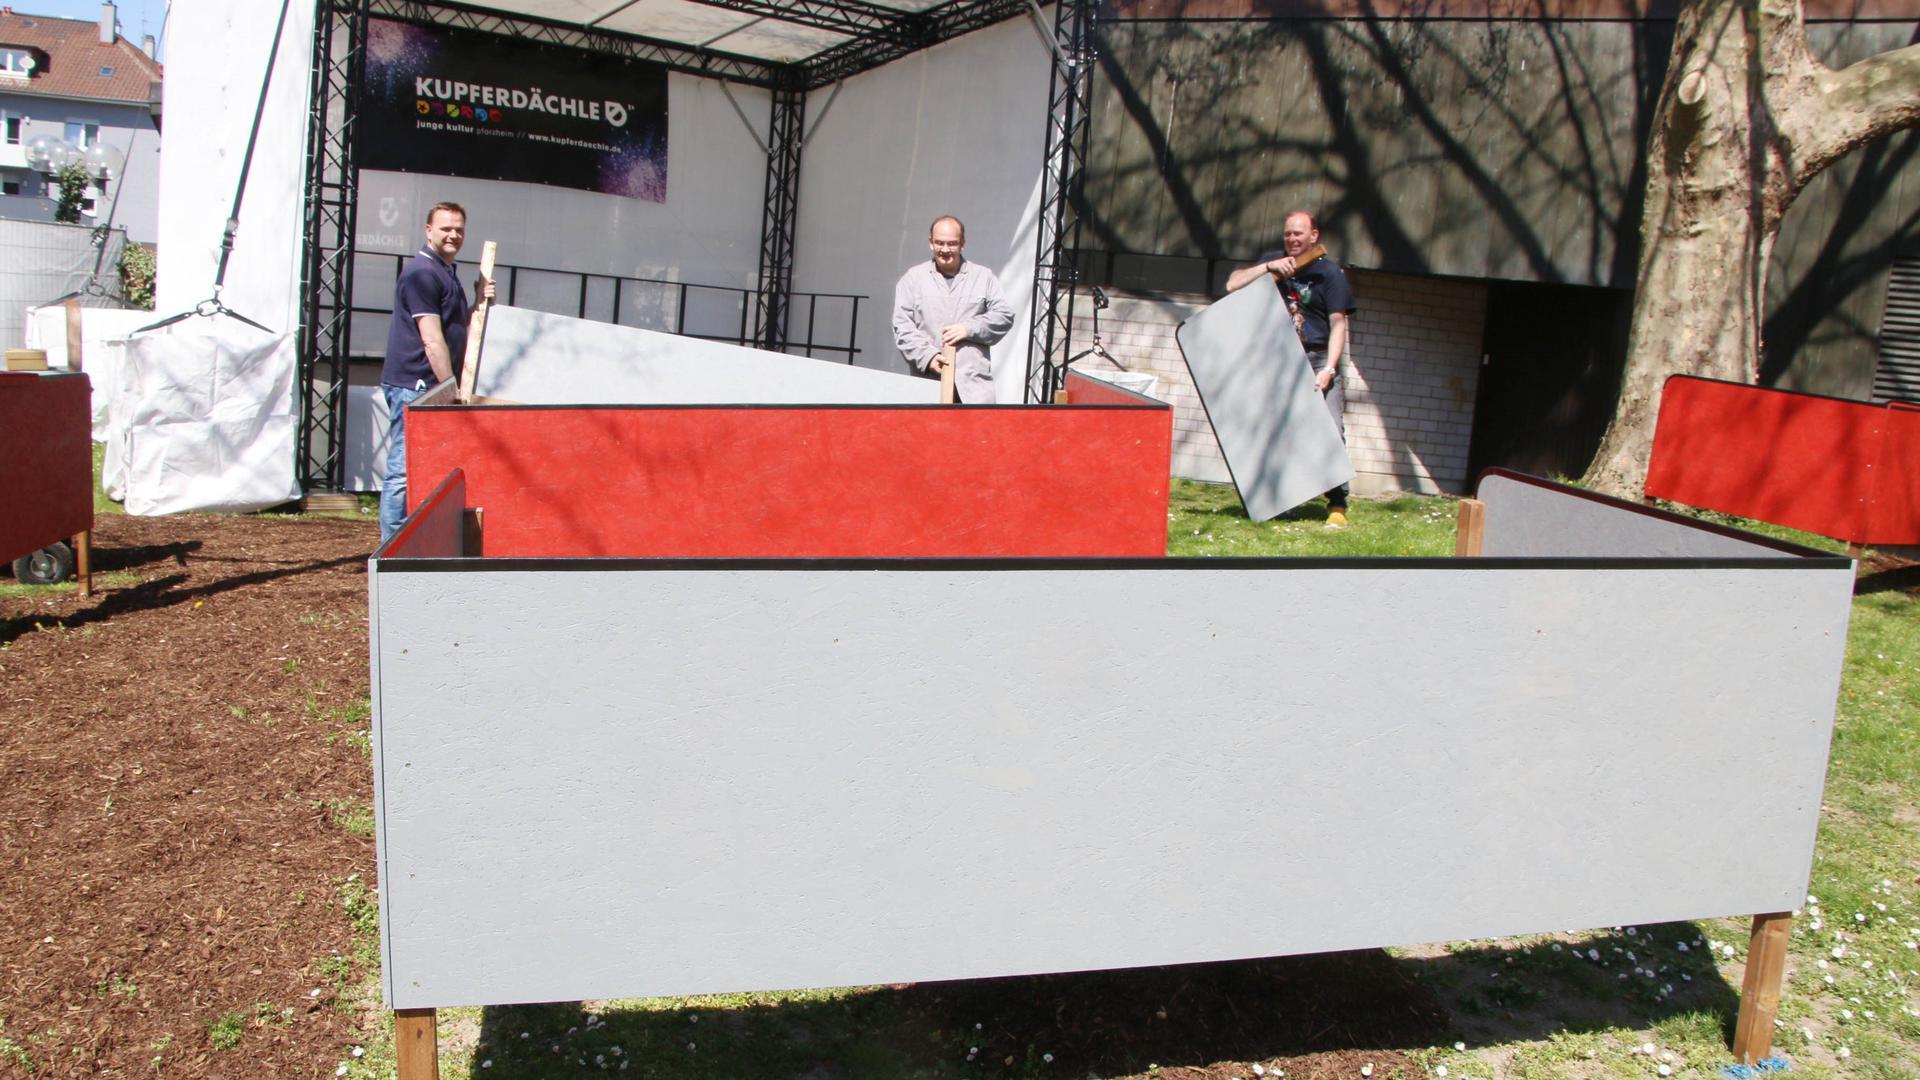 """Drei Männer stehen vor einer Open-Air-Bühne, auf der das Wort """"Kupferdächle"""" zu lesen ist und bauen davor eine große grau-rote Box auf."""